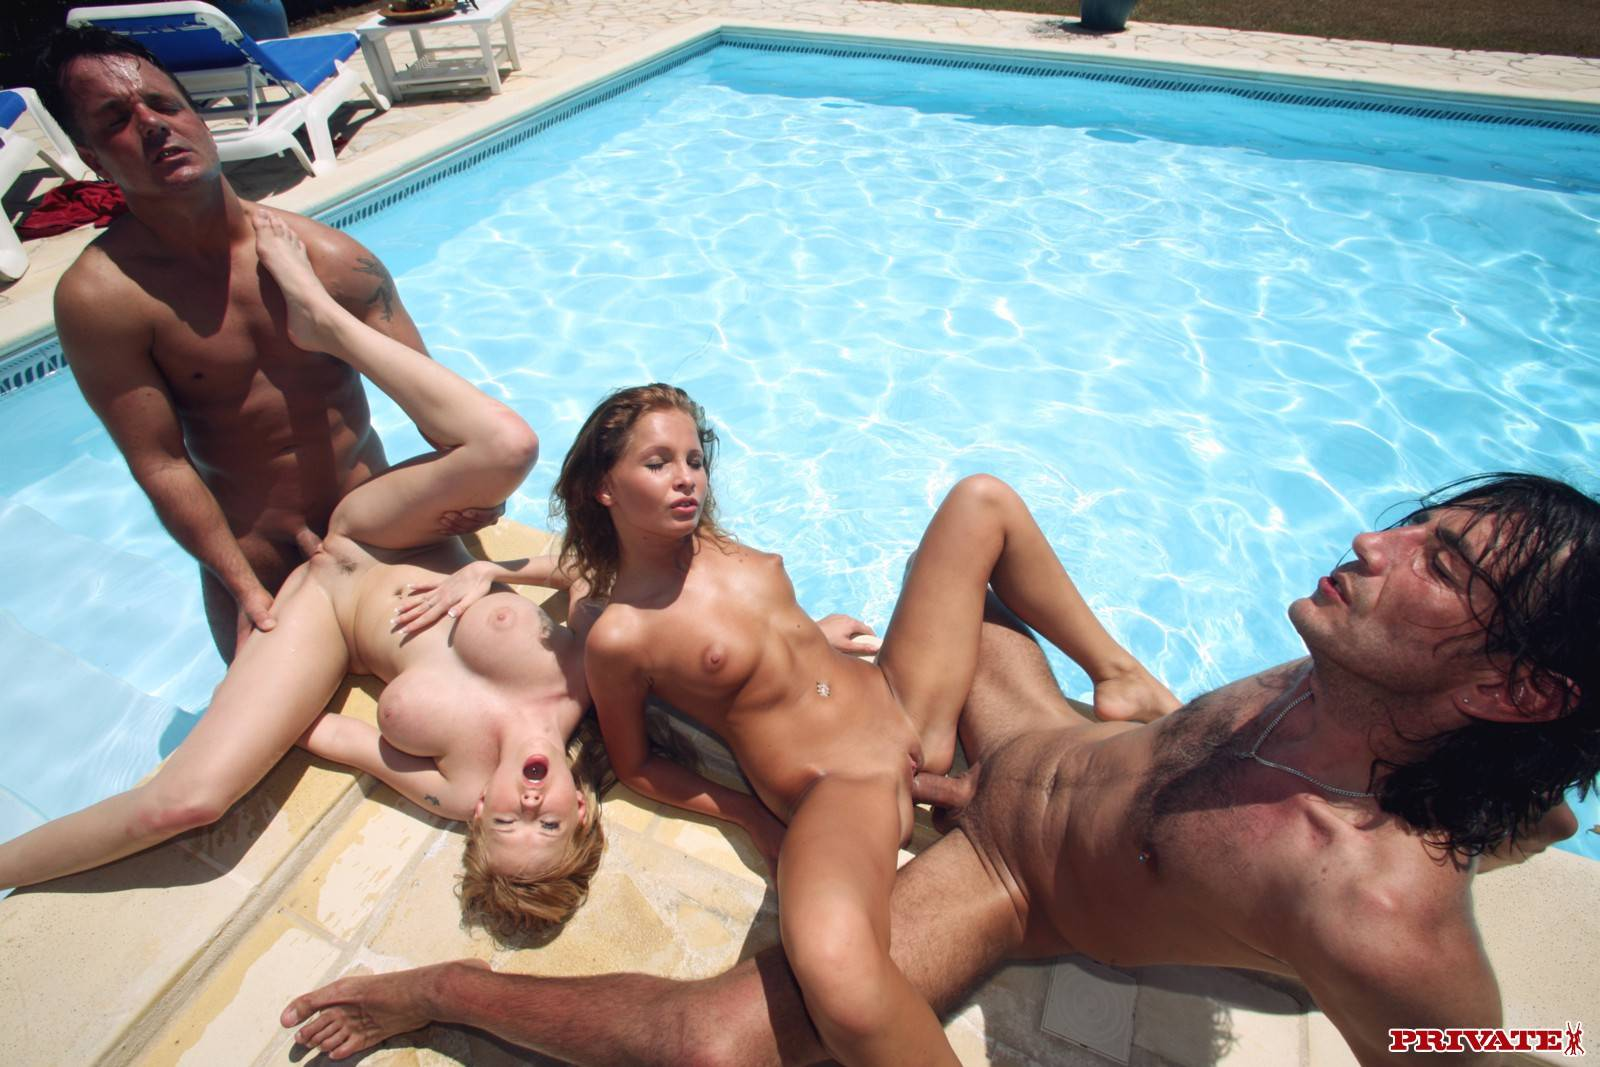 Смотреть груповуху у бассейна 11 фотография